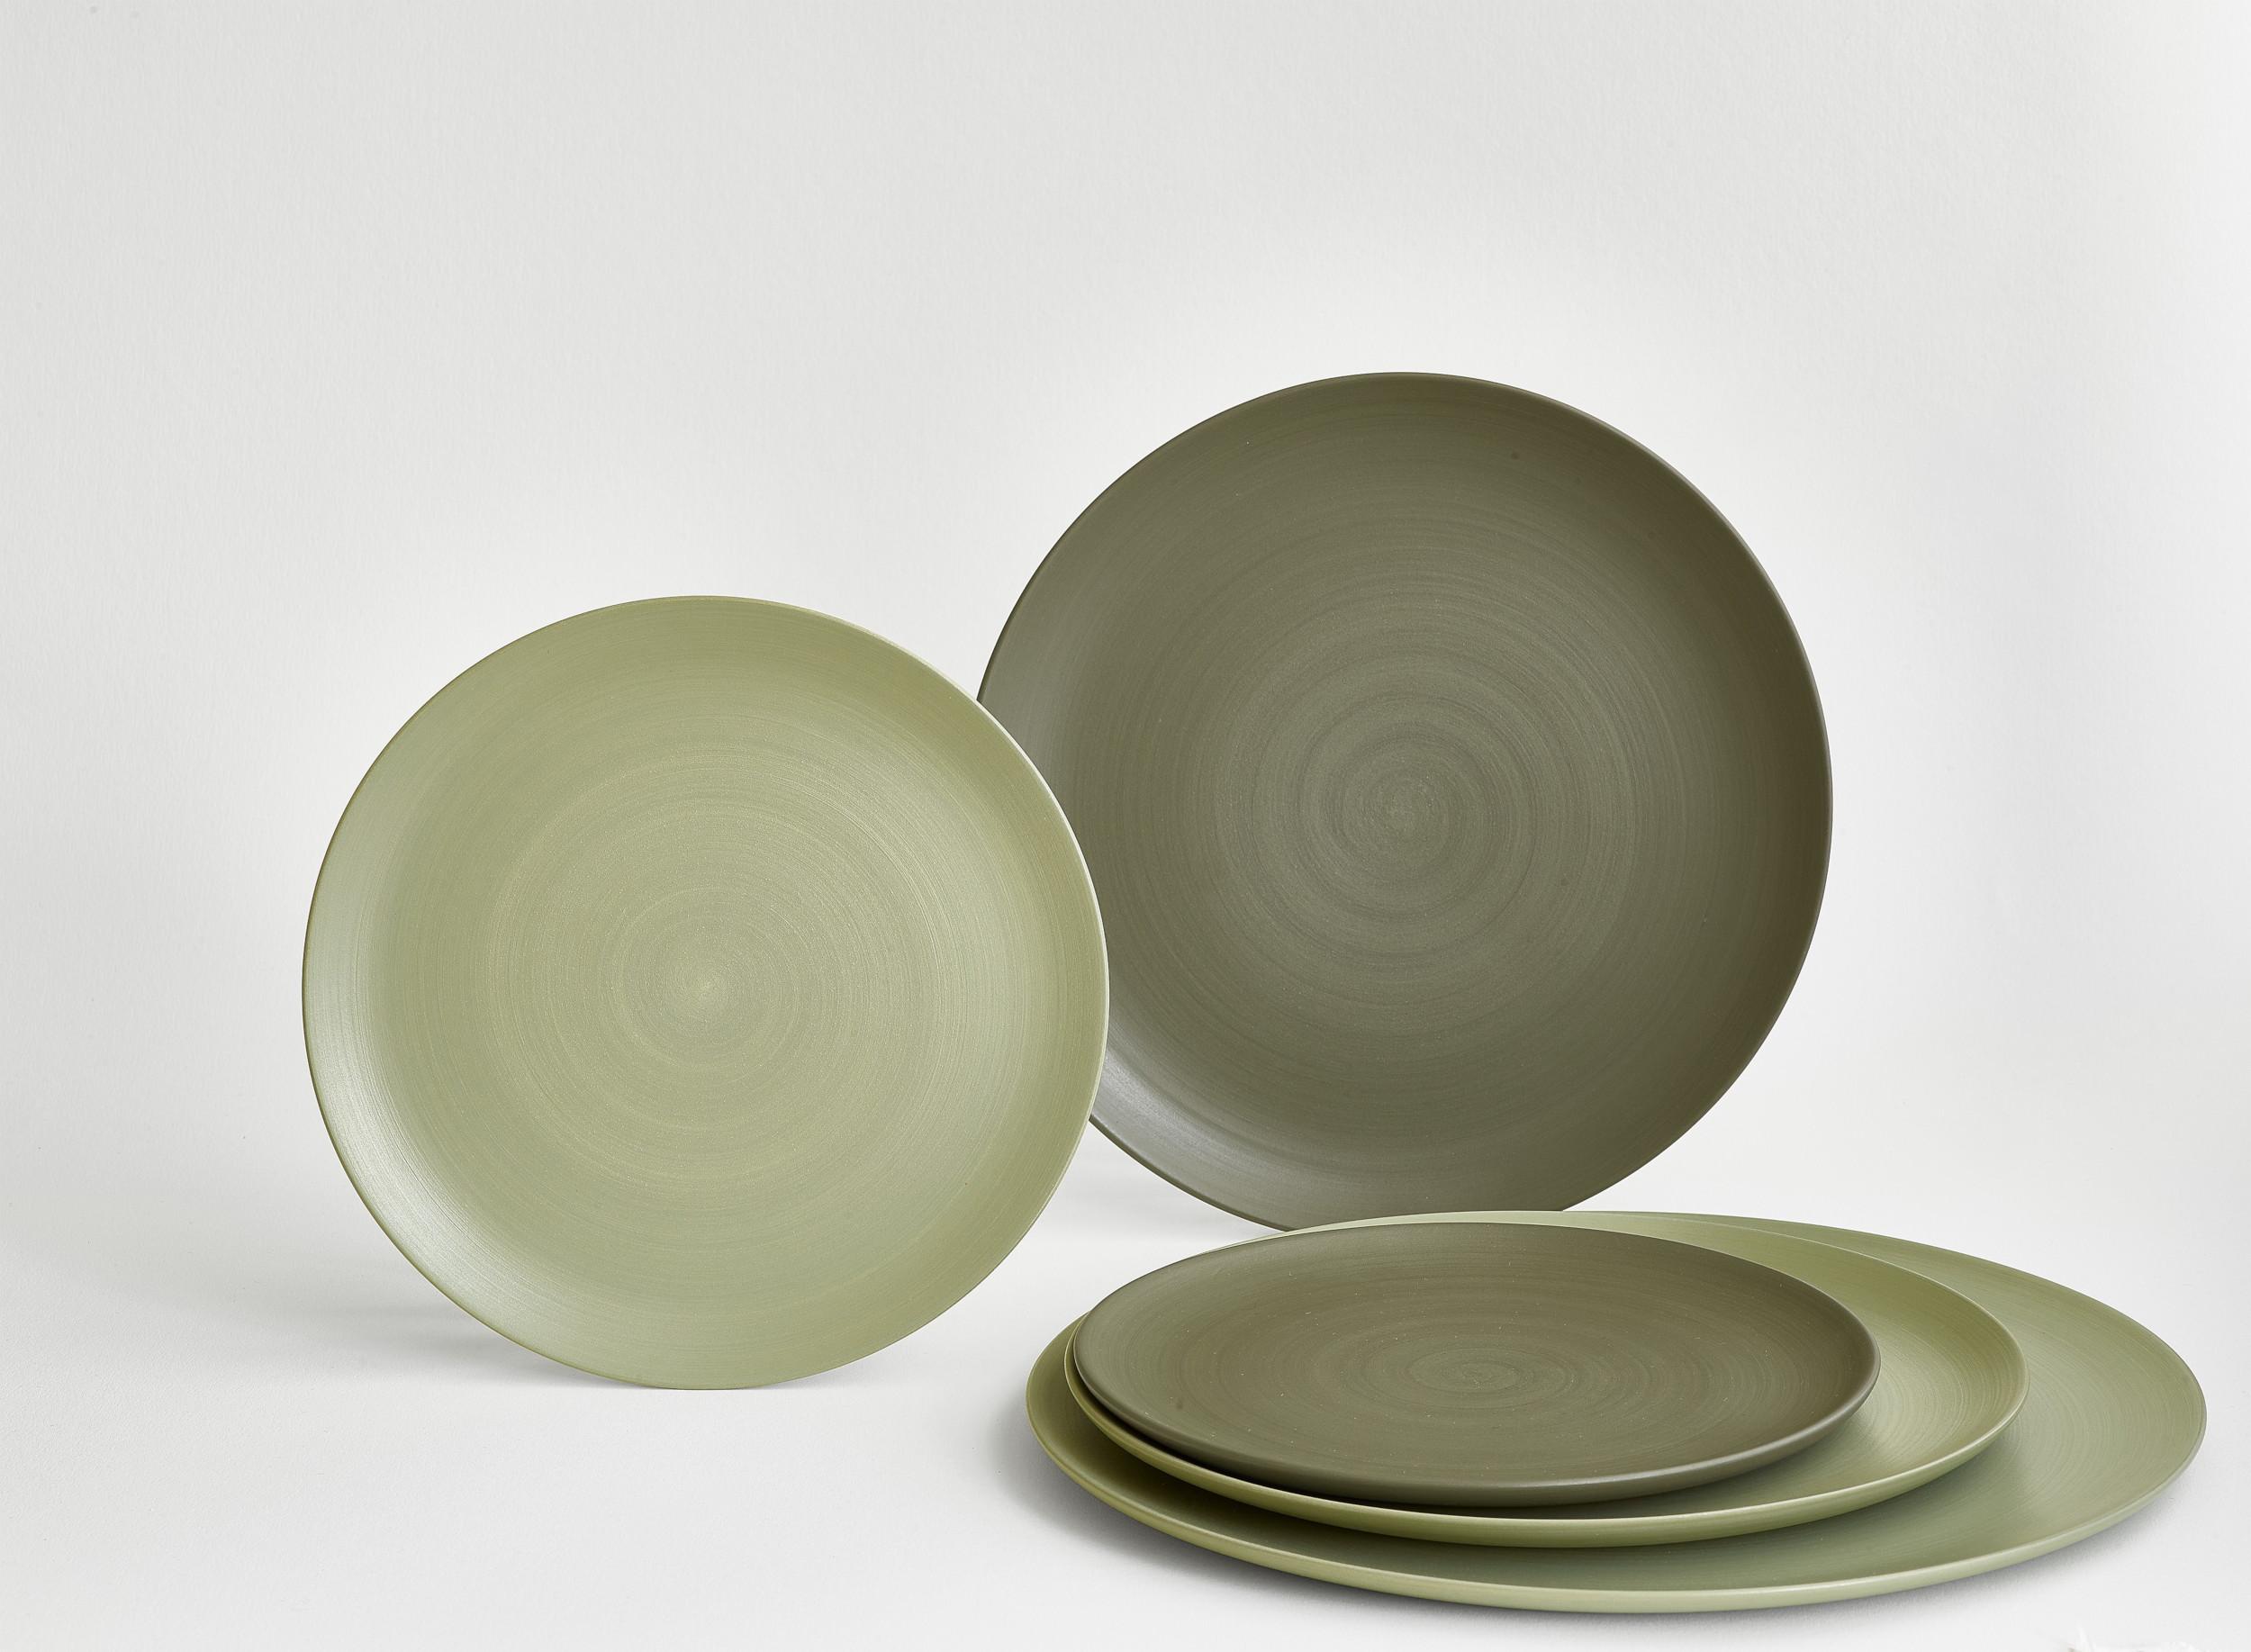 plates premium luxury mori ceramics